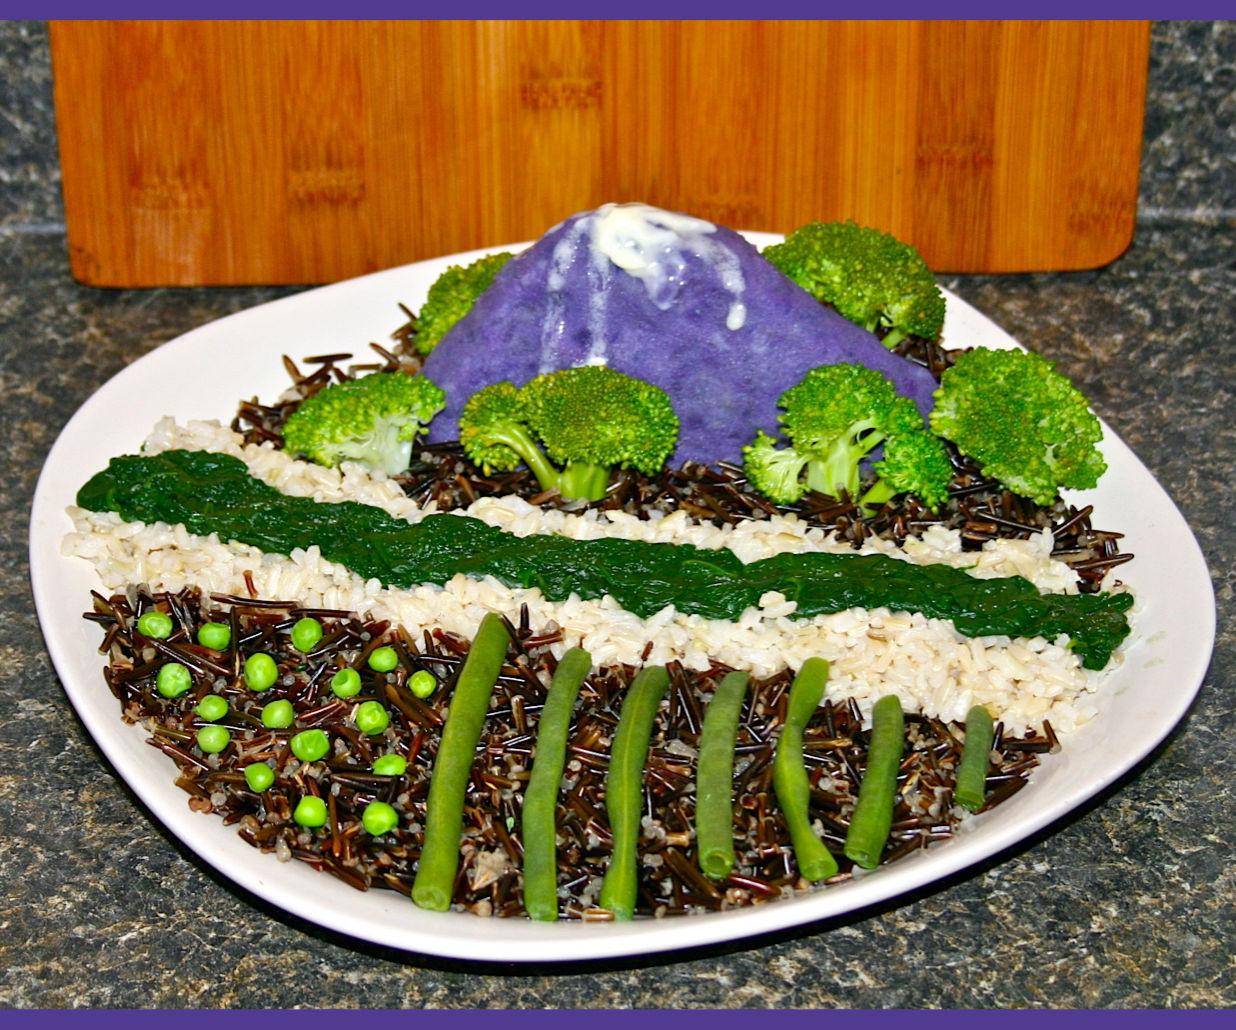 Vegan Landscape Meal